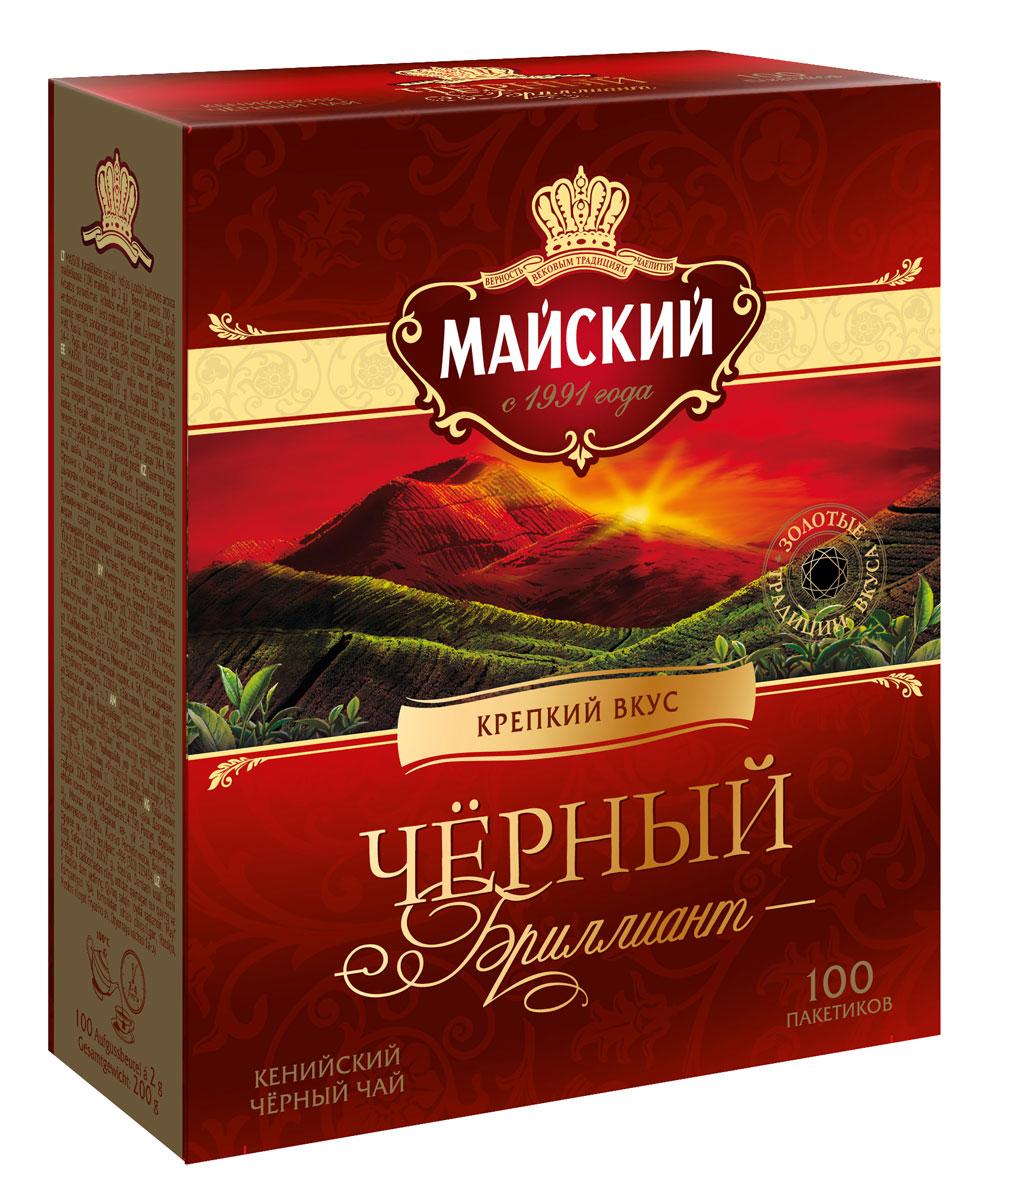 Майский Черный Бриллиант черный чай в пакетиках, 100 шт0120710Майский Черный Бриллиант - оригинальный купаж кенийского черного чая обладает насыщенным вкусом с легкими ореховыми нотками.